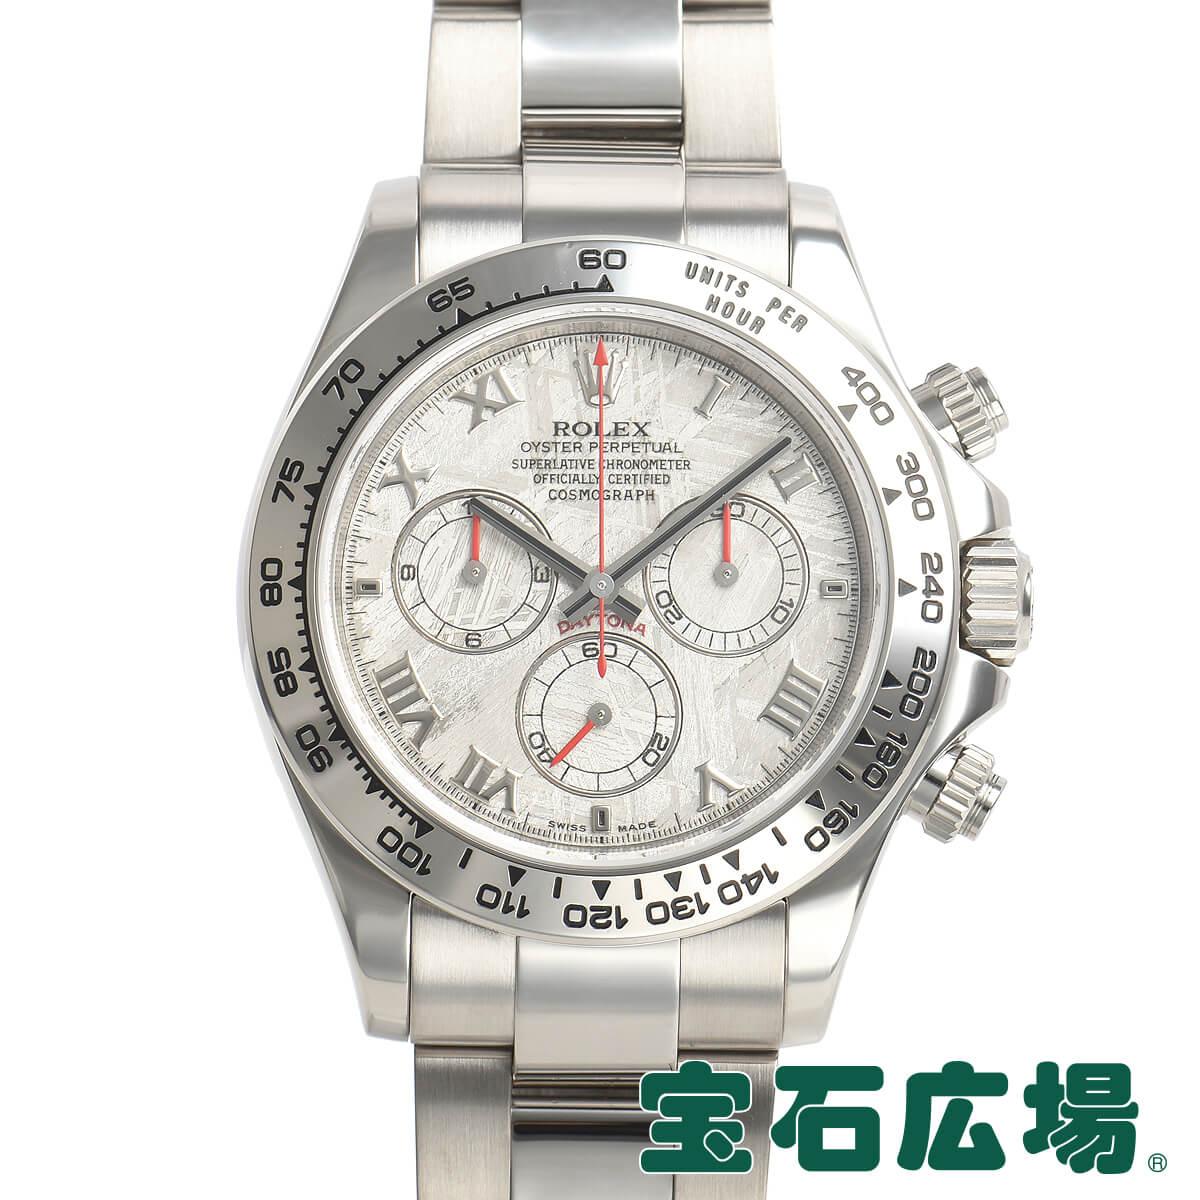 ロレックス ROLEX コスモグラフ デイトナ 116509【中古】メンズ 腕時計 送料・代引手数料無料